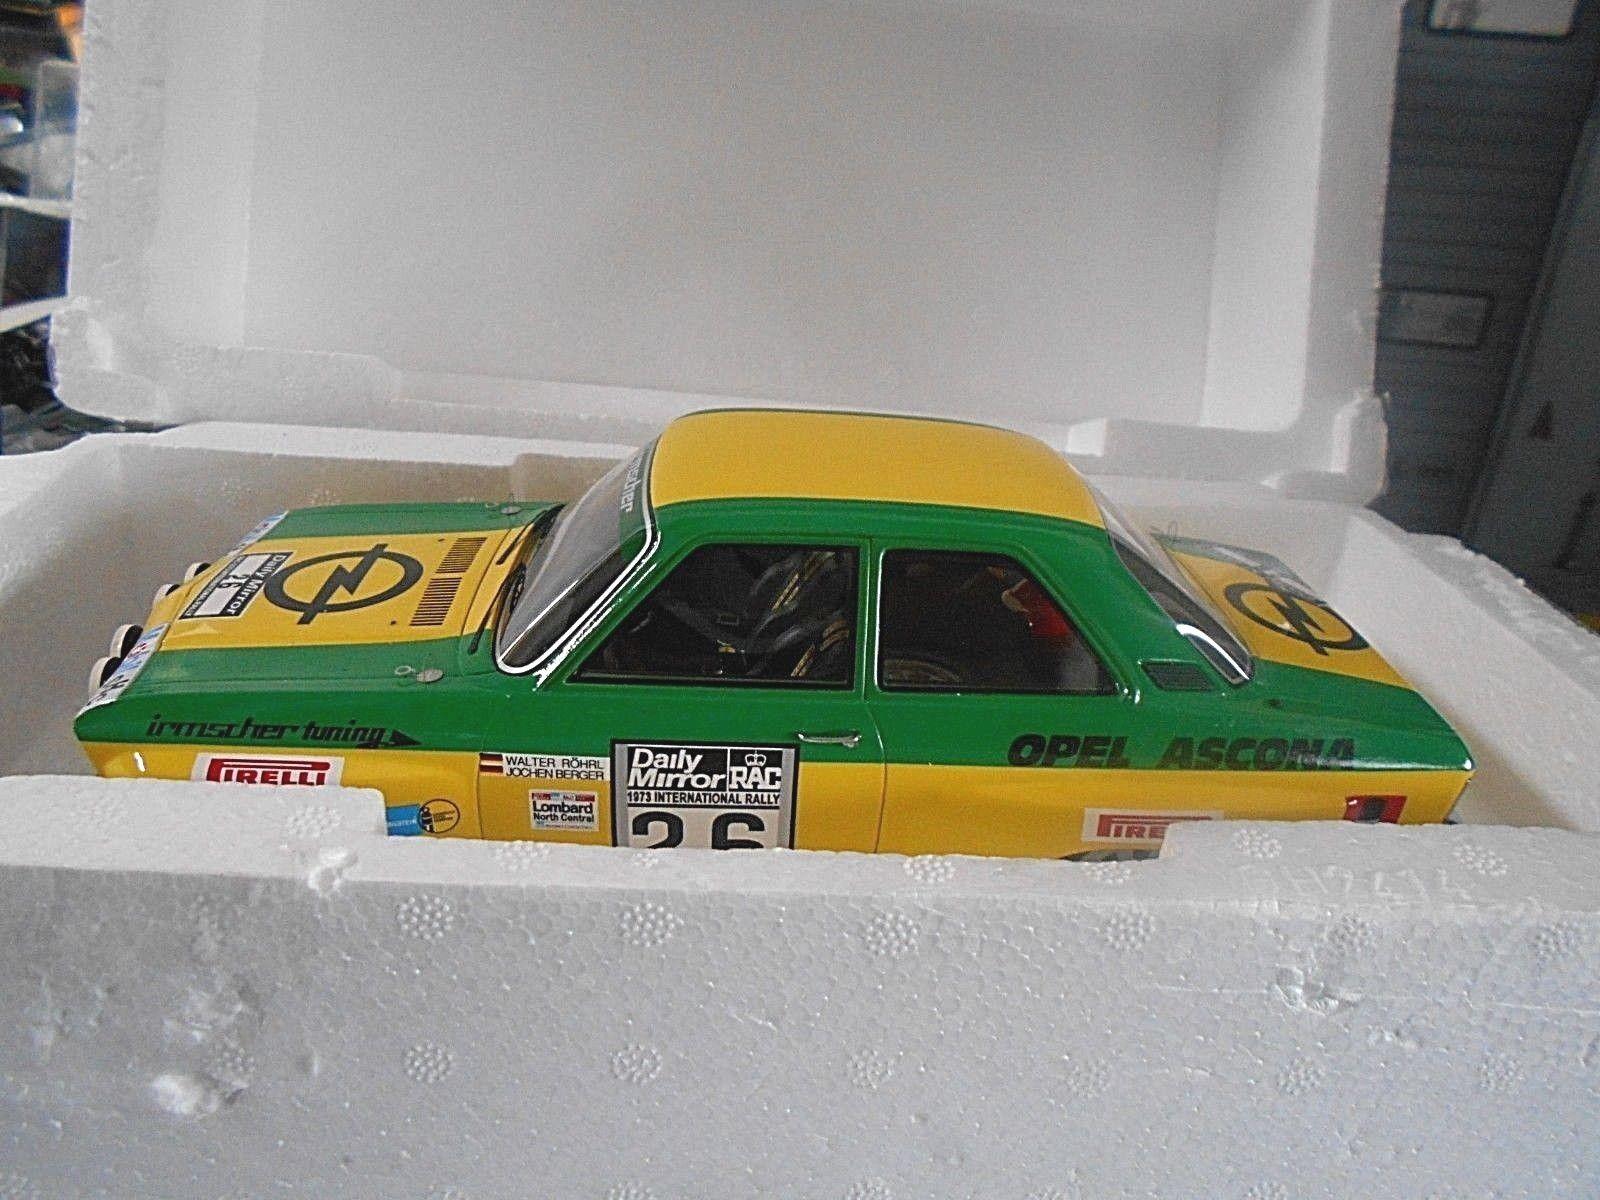 OPEL OPEL OPEL Ascona A Rallye RAC GB 1974 Röhrl Berger Irmscher Bos N 18 a277ba